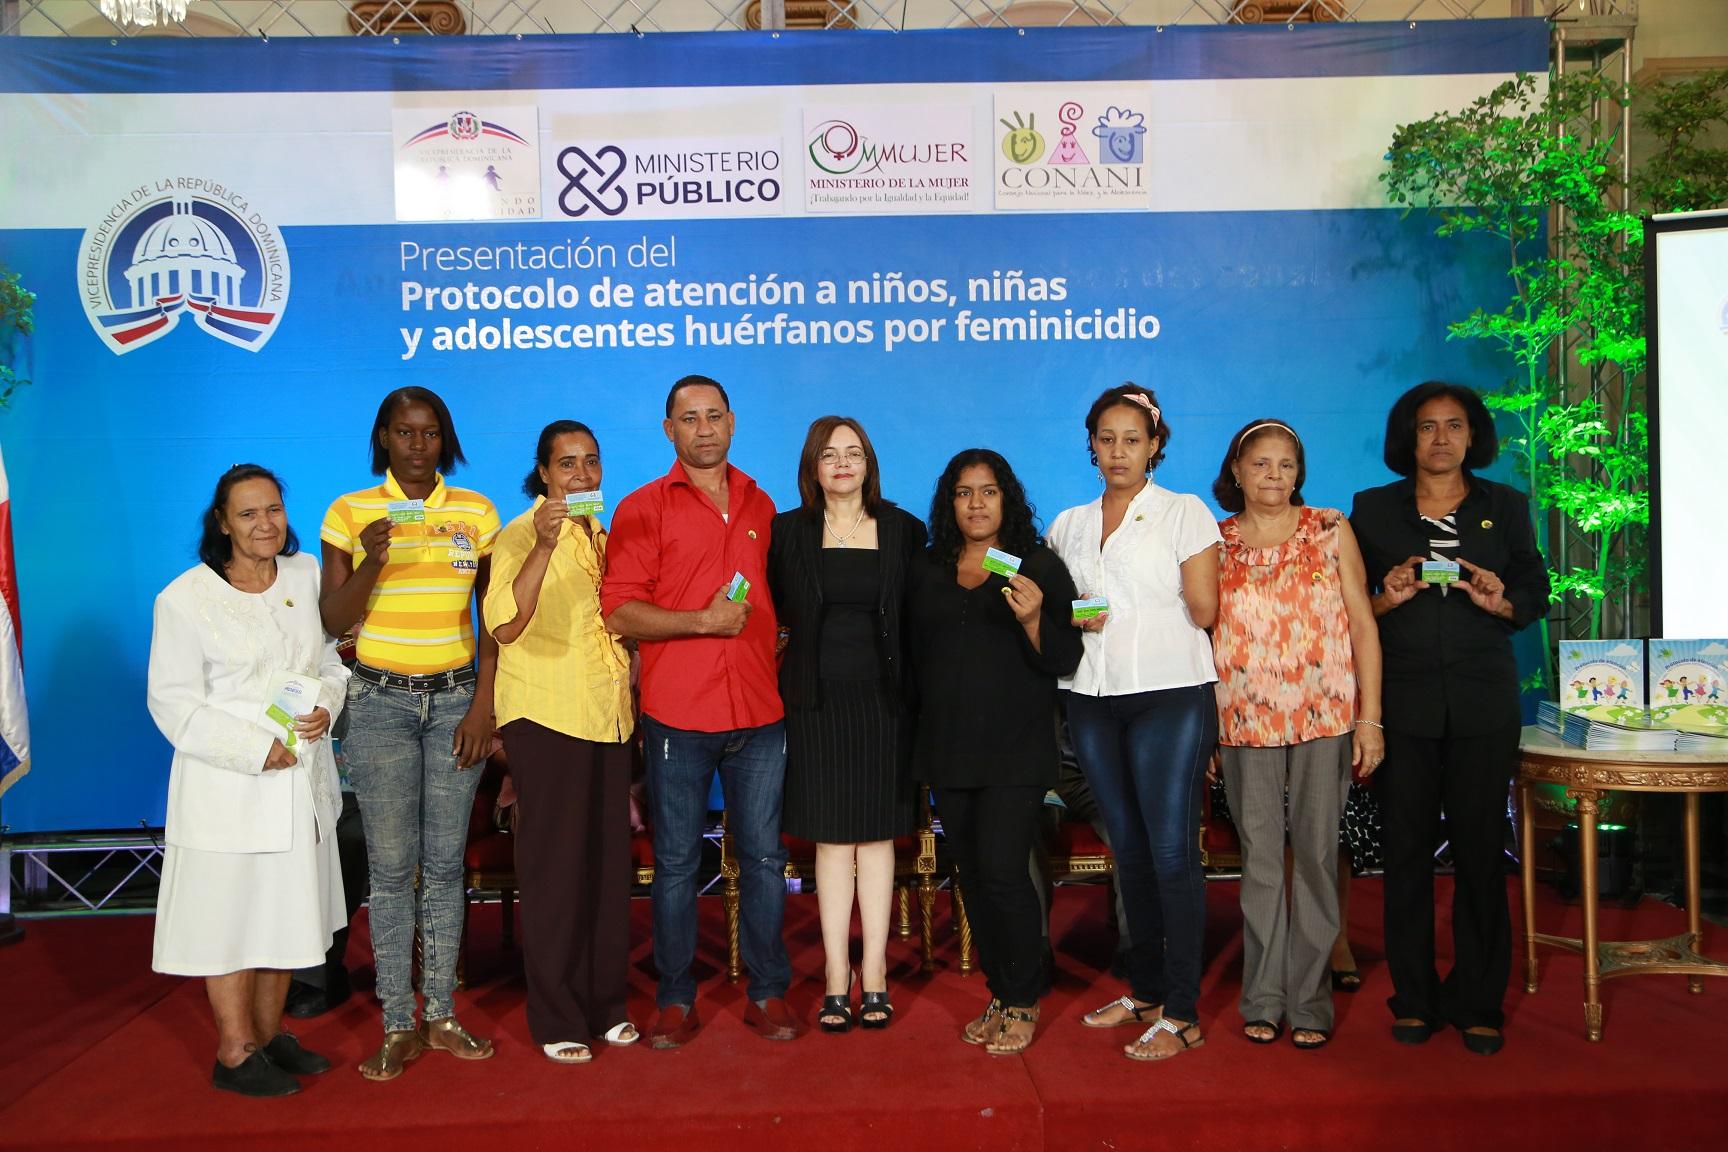 Instituciones presentan protocolo protegerá niños huérfanos por feminicidios